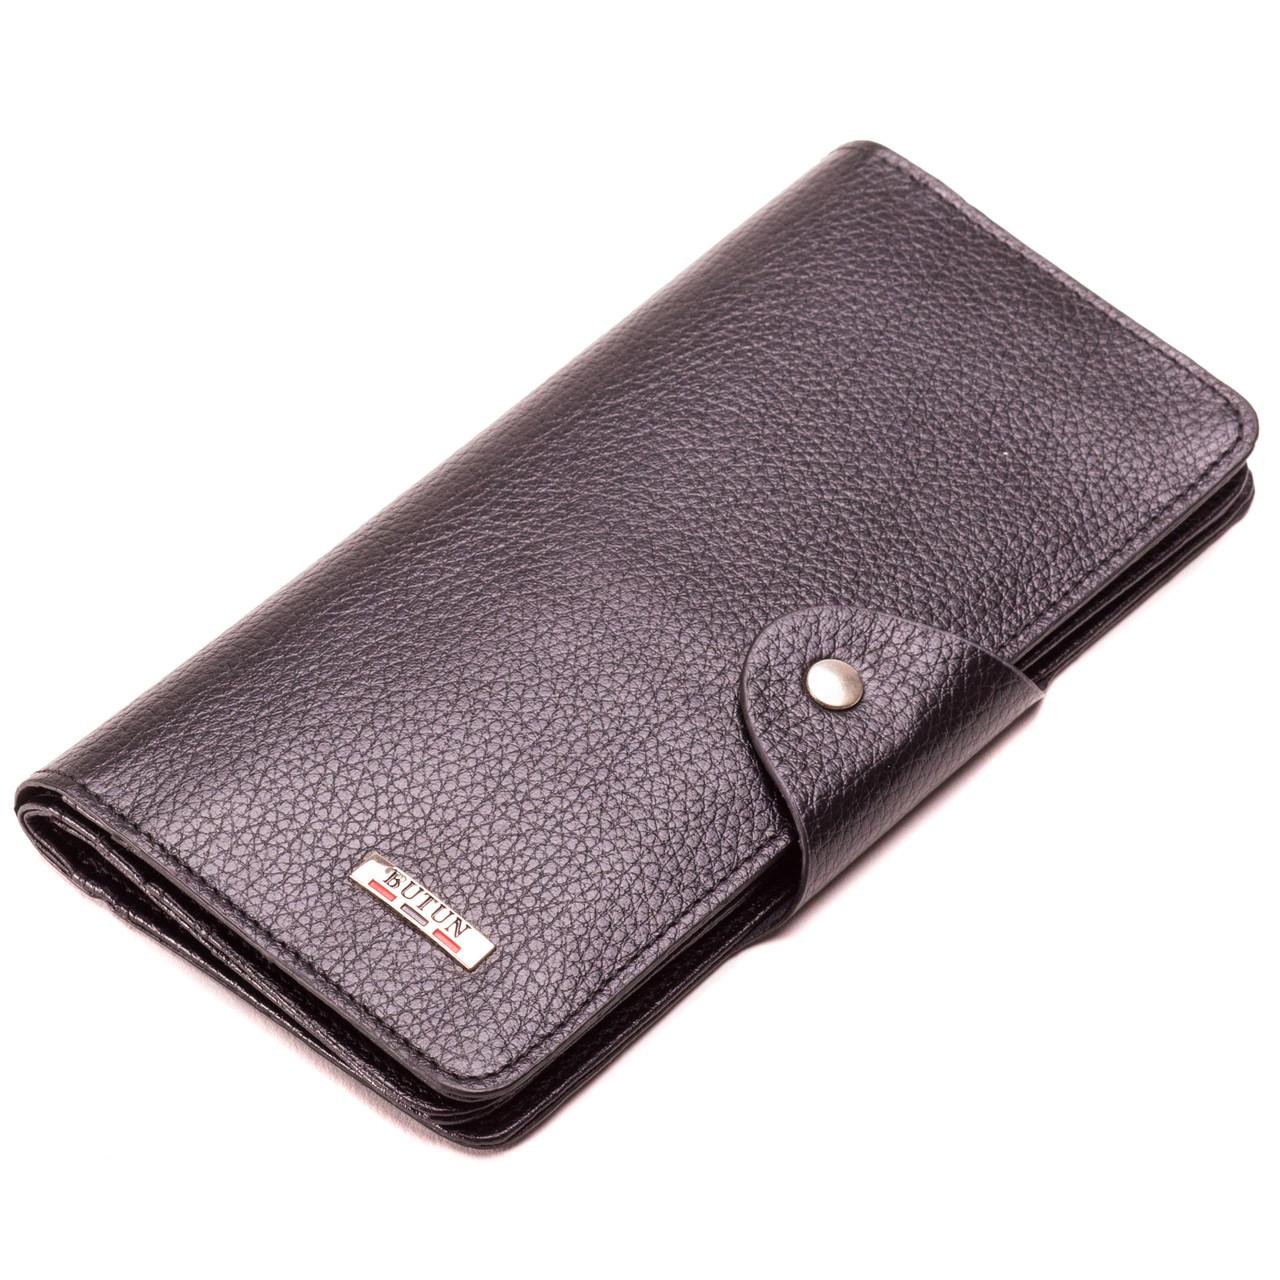 Мужской кошелек бумажник кожаный черный BUTUN 645-004-001